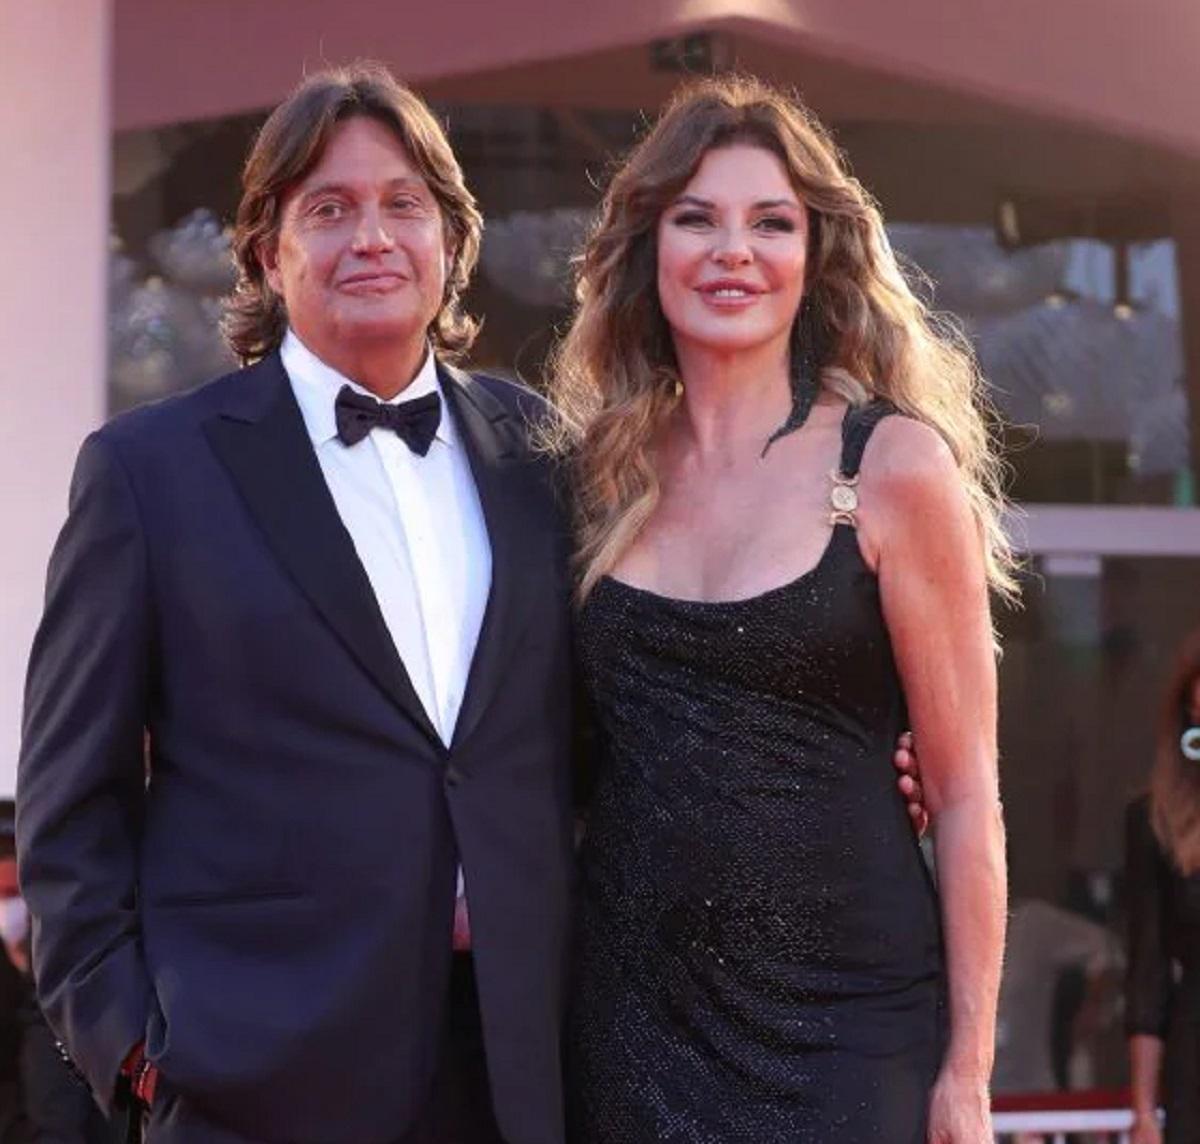 Alba Parietti Festival venezia abito uguale compleanno 60 anni